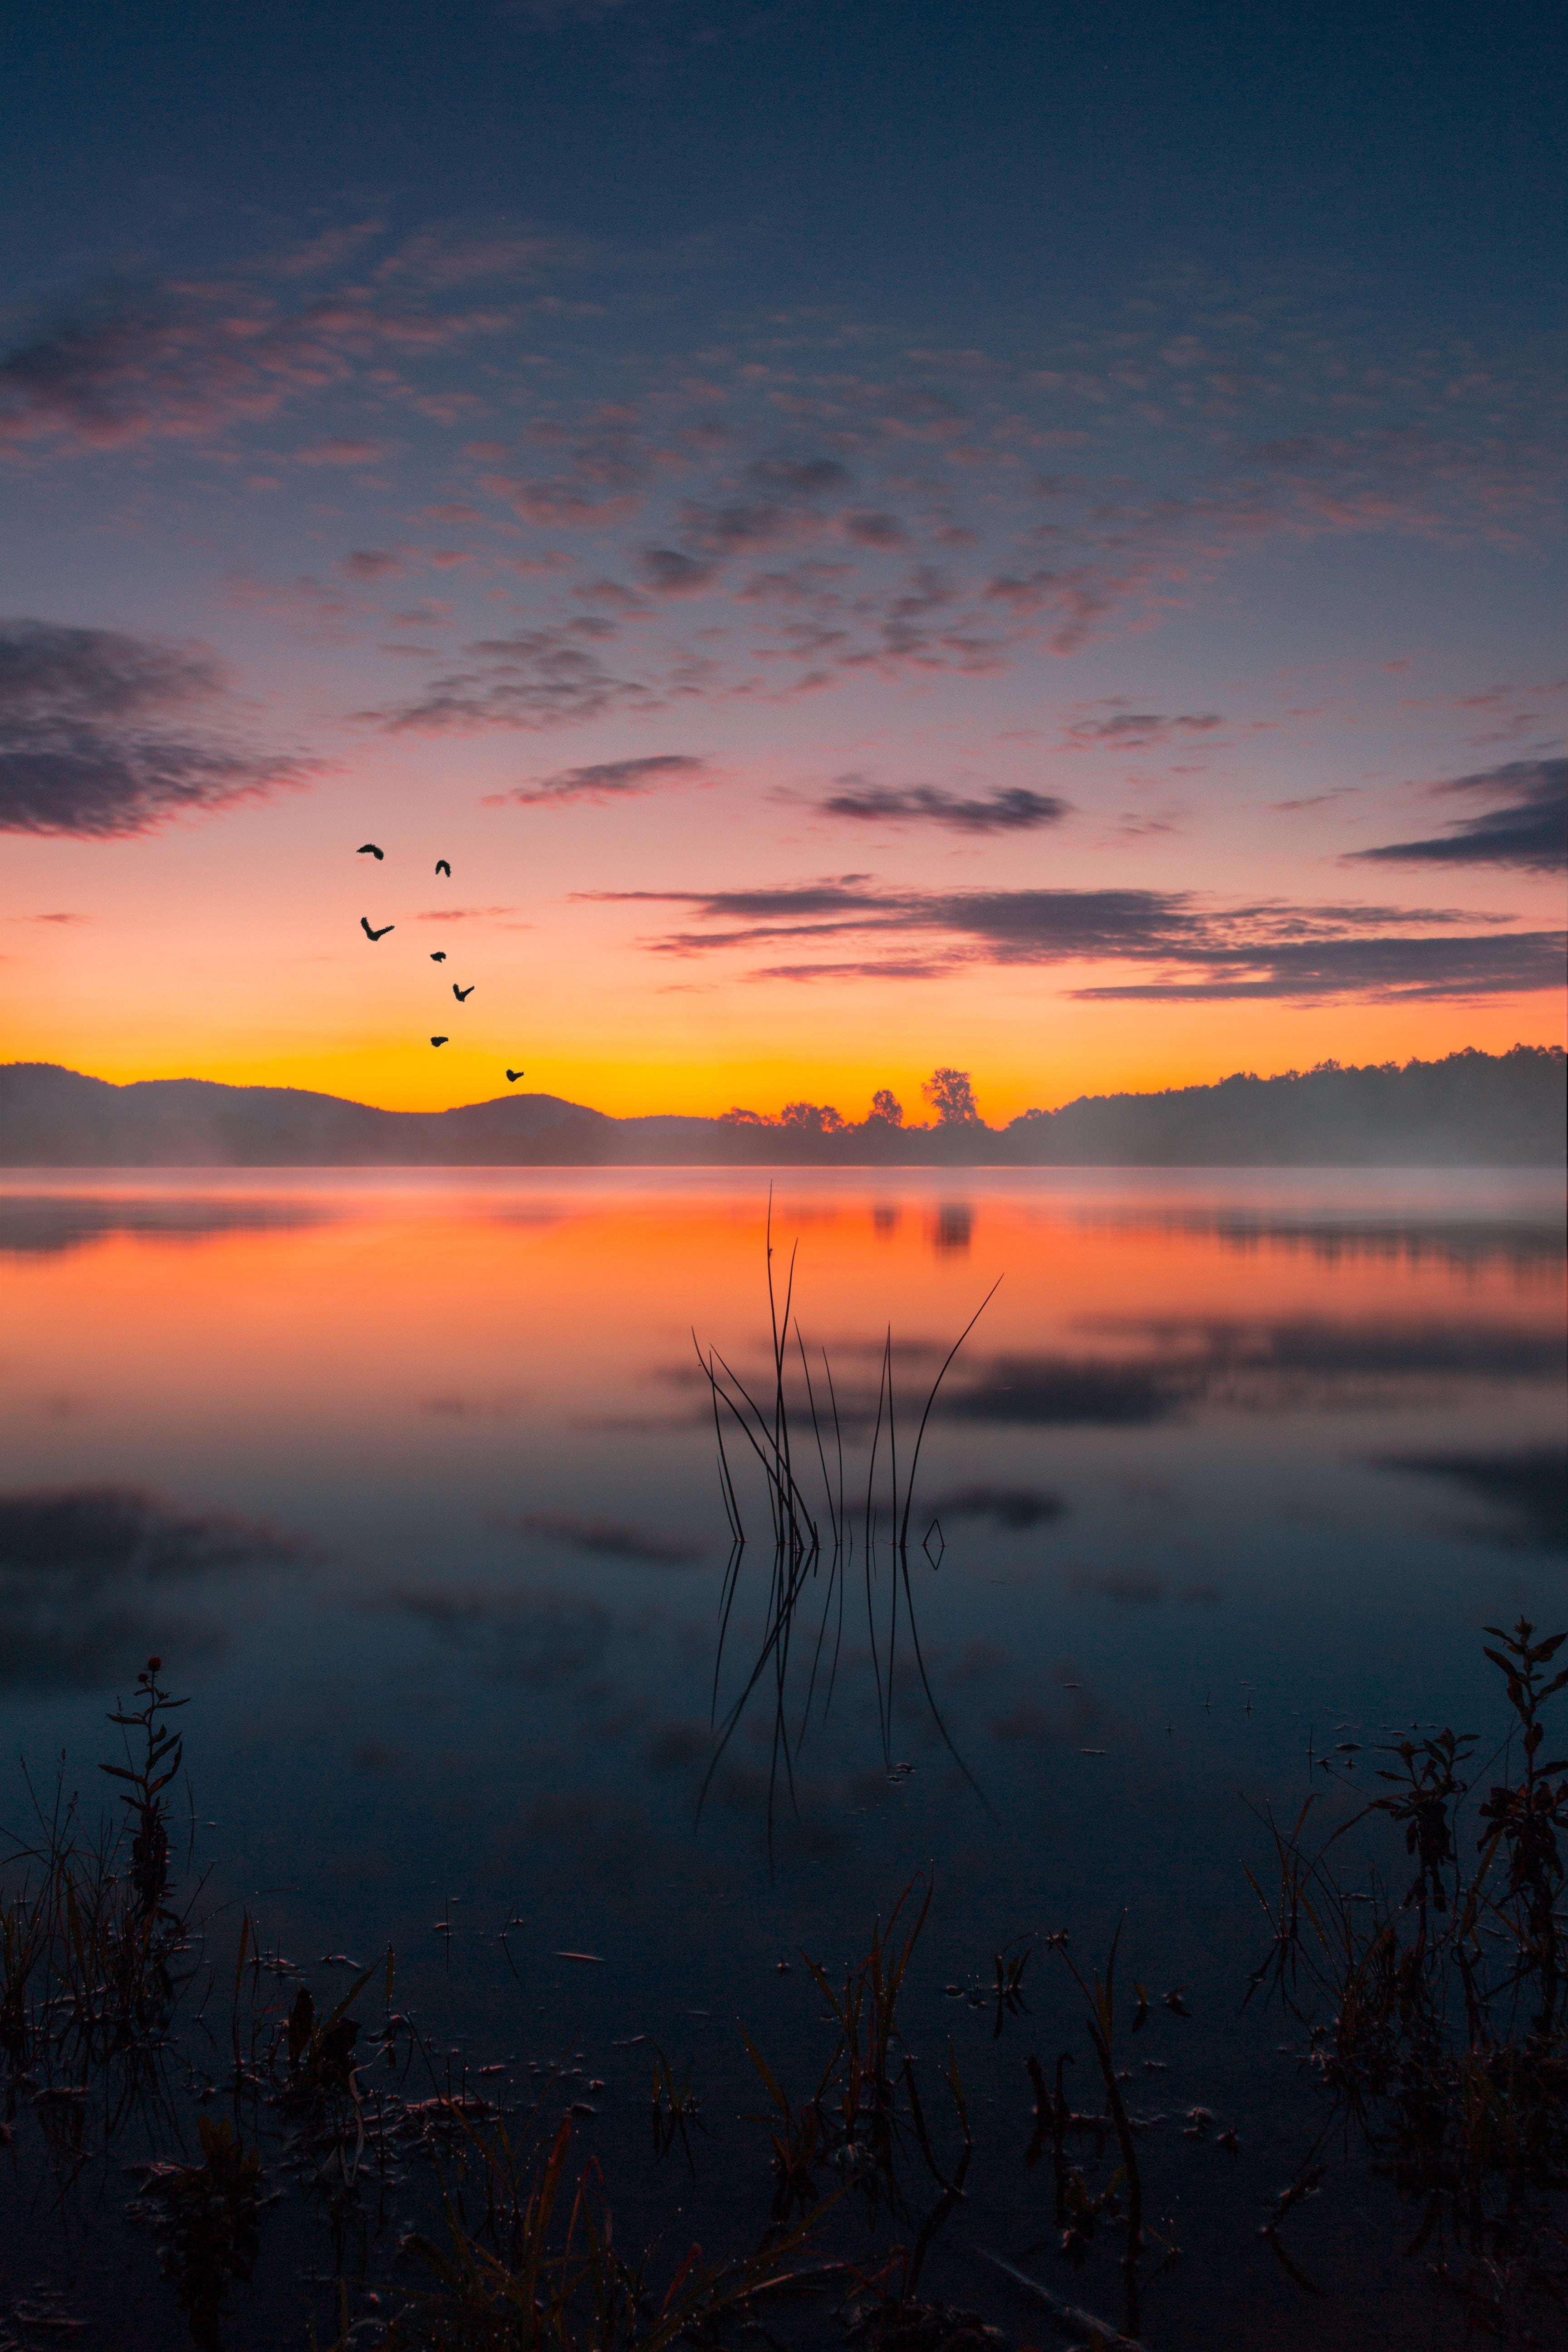 59658 Hintergrundbild herunterladen Landschaft, Natur, Sunset, See, Nebel, Dämmerung, Twilight - Bildschirmschoner und Bilder kostenlos